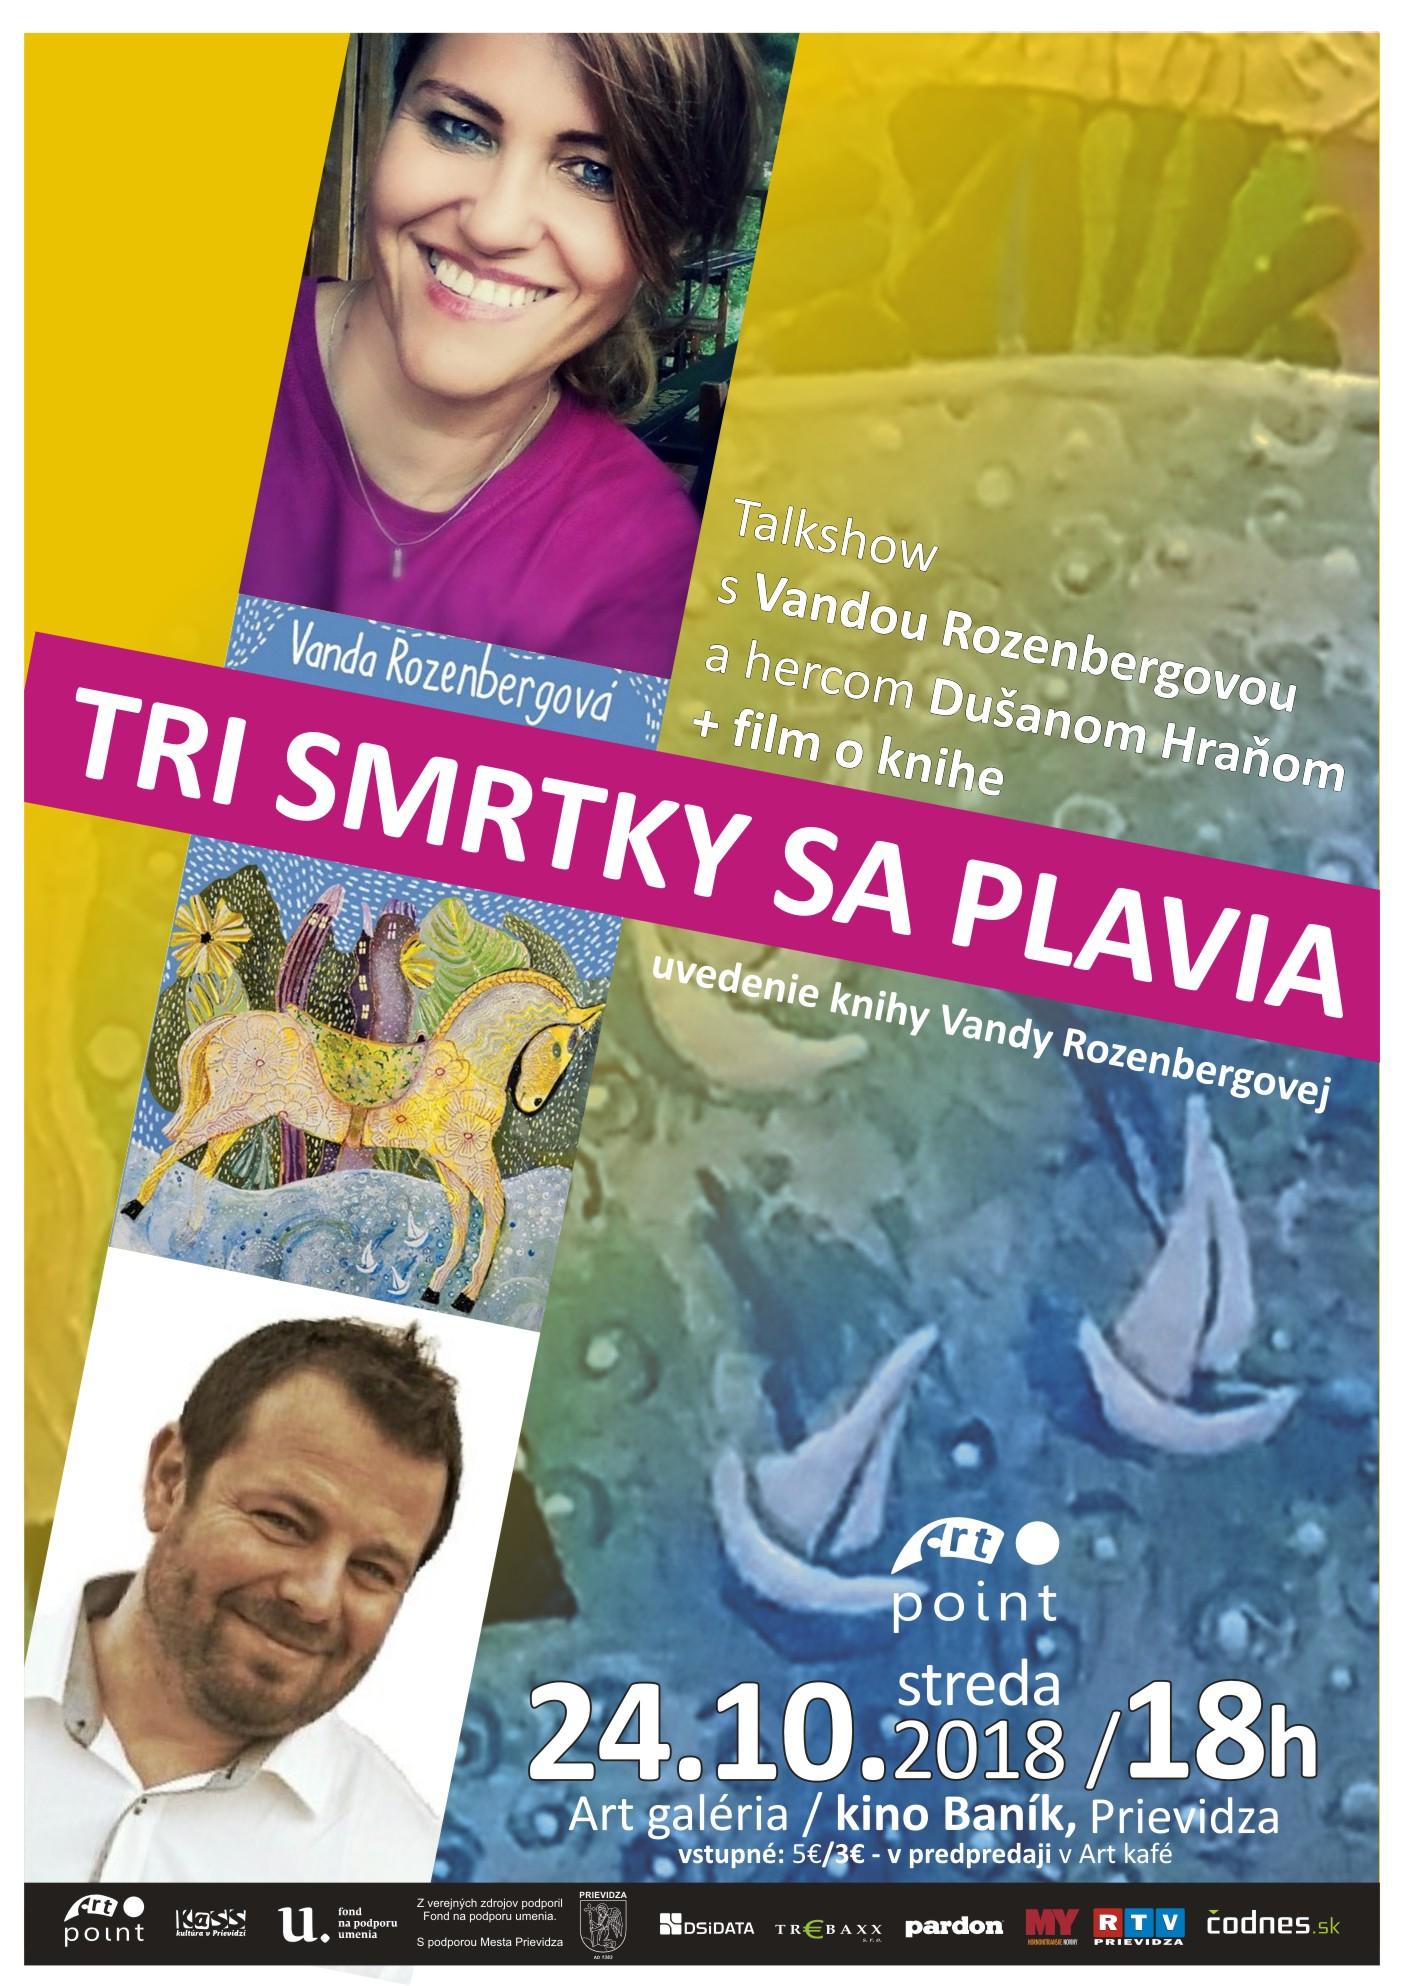 TRI SMRTKY SA PLAVIA - uvedenie knihy Vandy Rozenbergovej